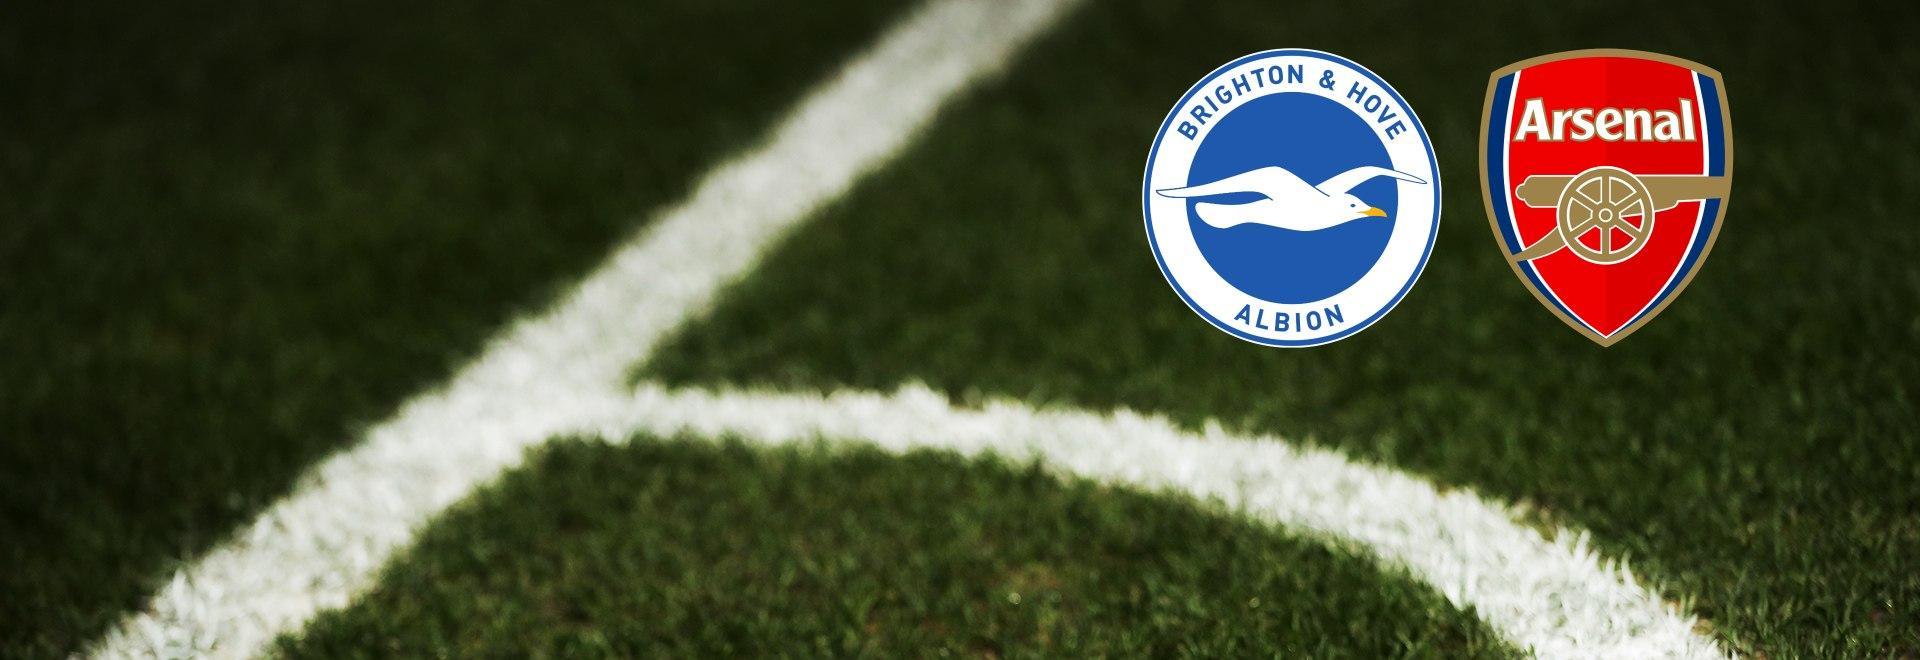 Brighton & Hove Albion - Arsenal. 1a g.